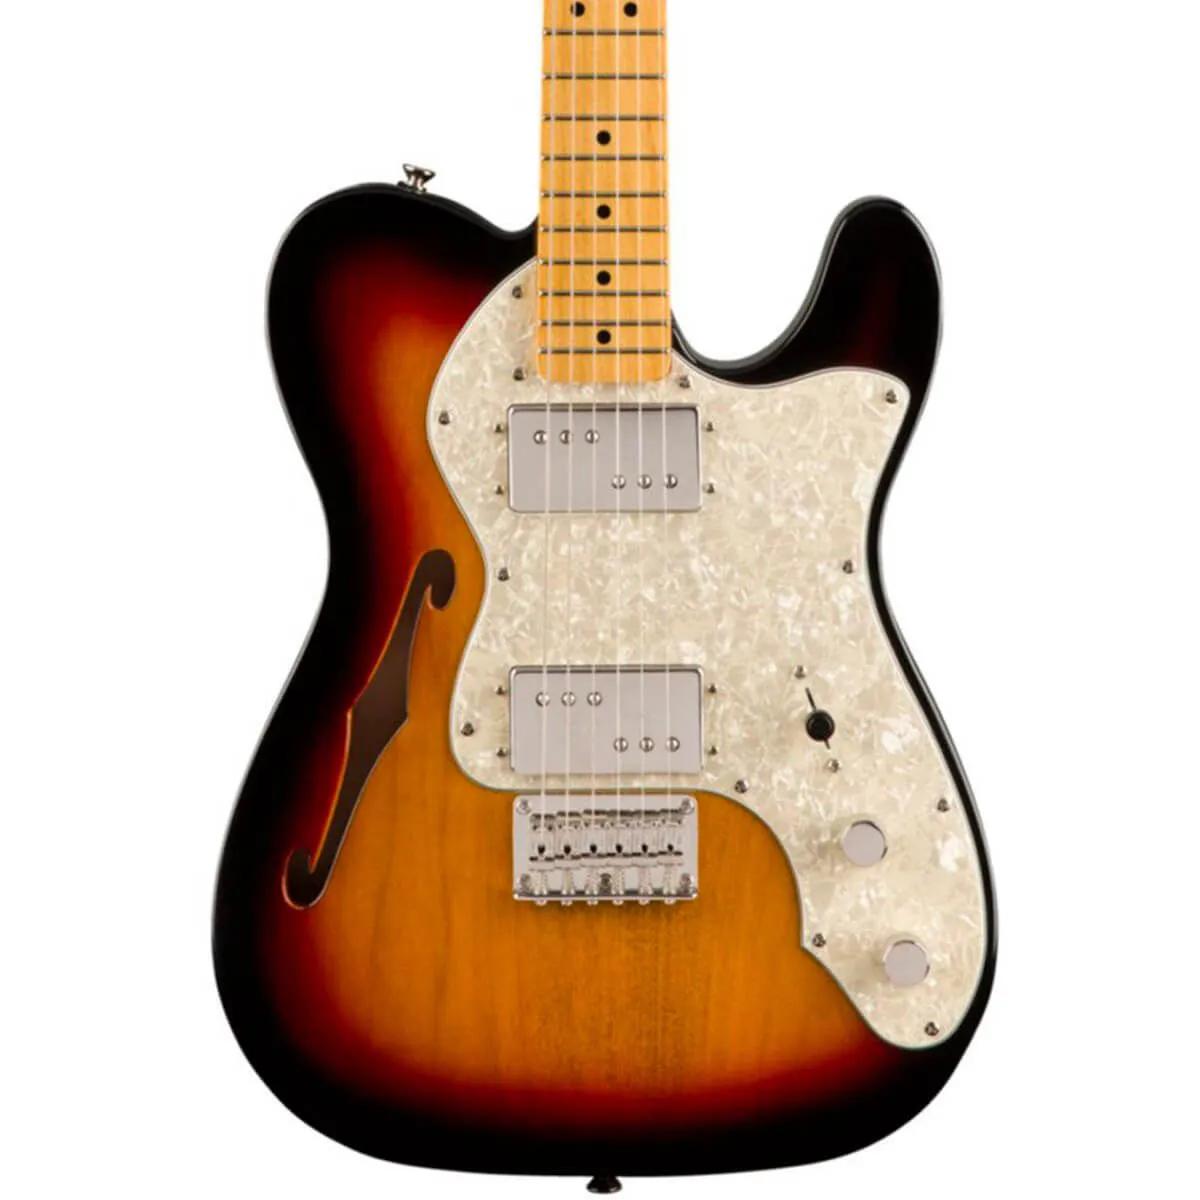 Guitarra Fender Squier Classic Vibe 60s Telecaster Thinline Sunburst